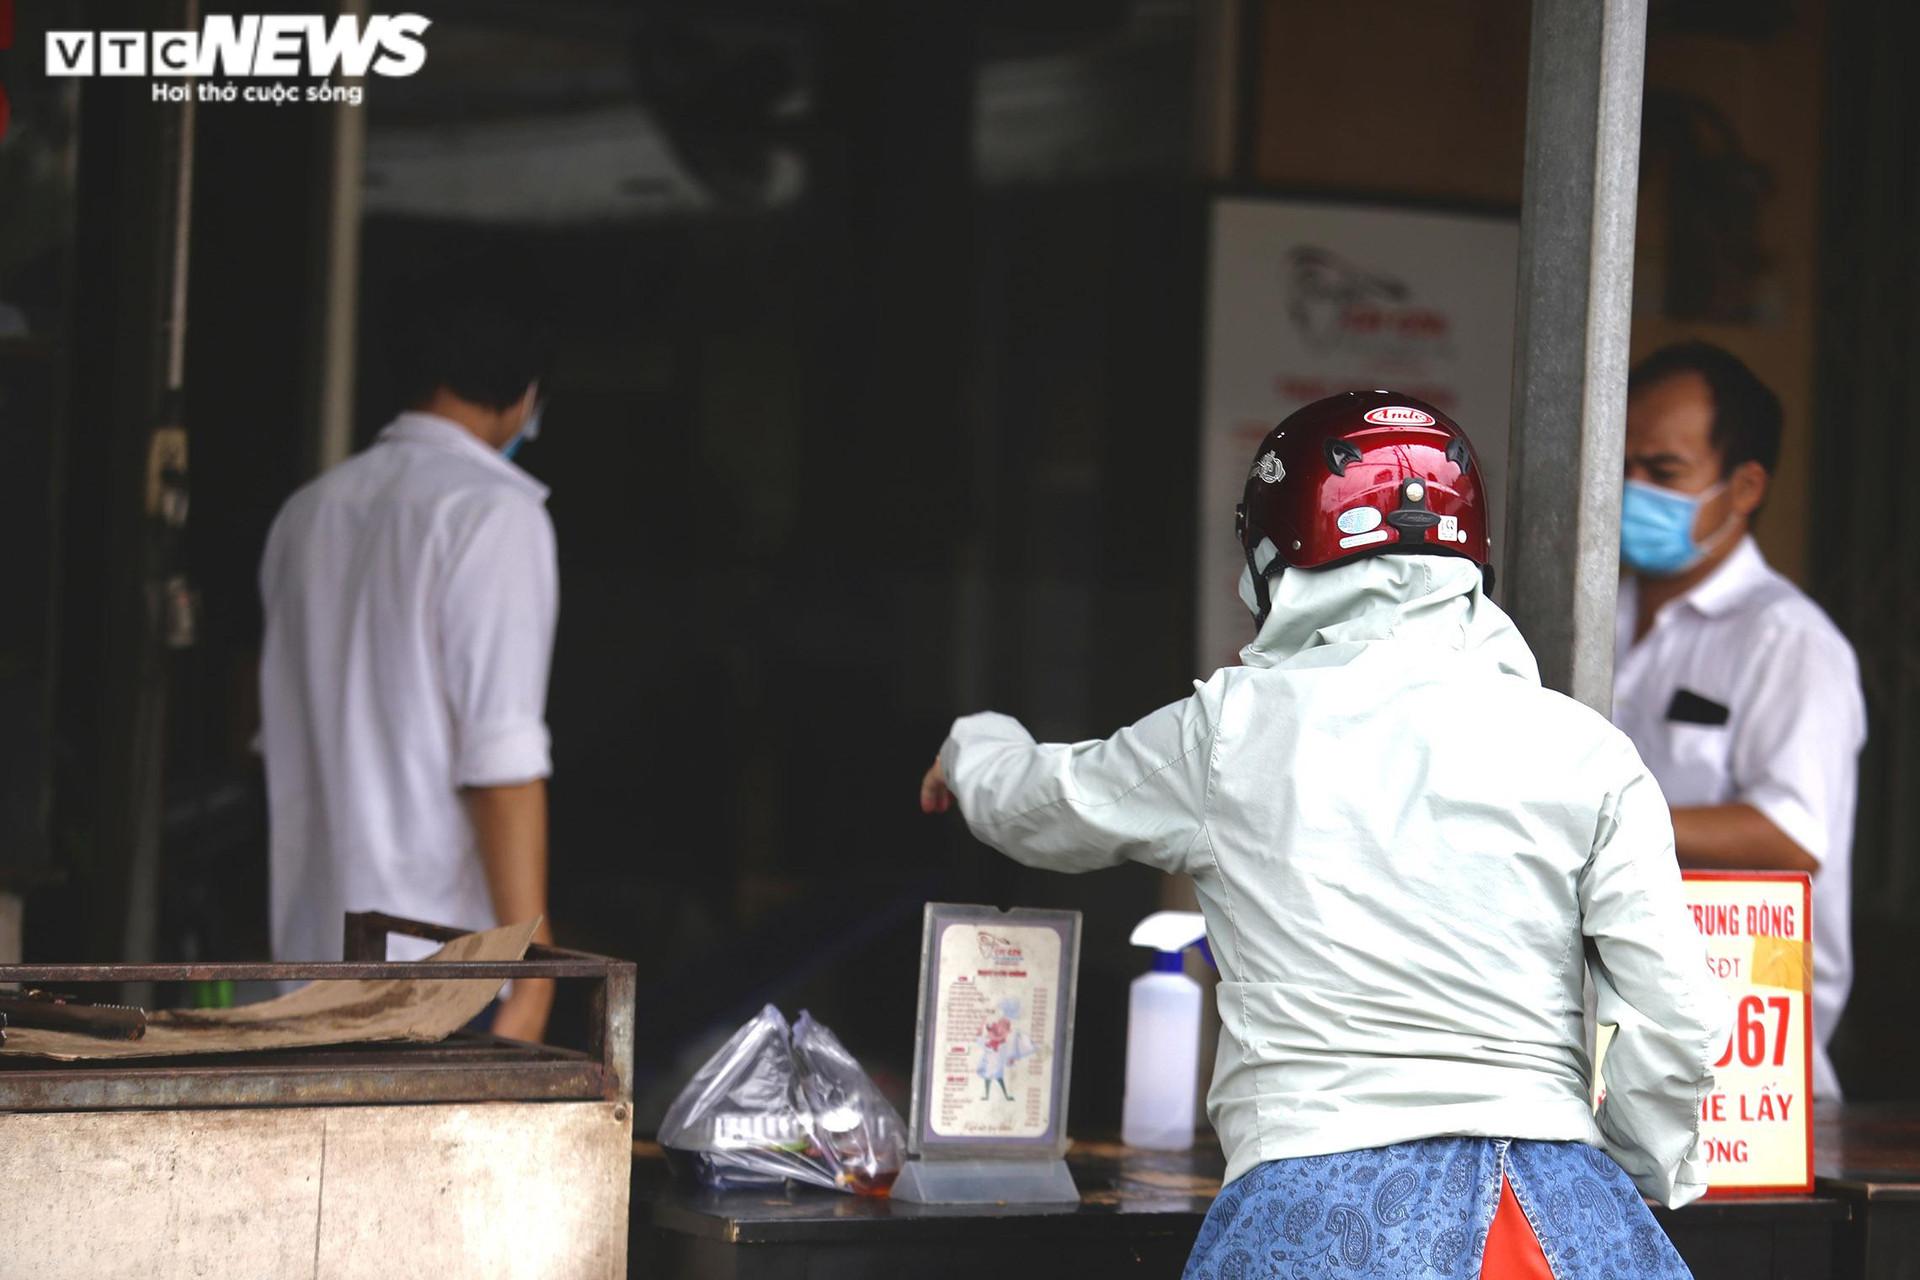 Bình Dương: Hàng quán tái khởi động sau nhiều ngày 'khoá chặt' - 4